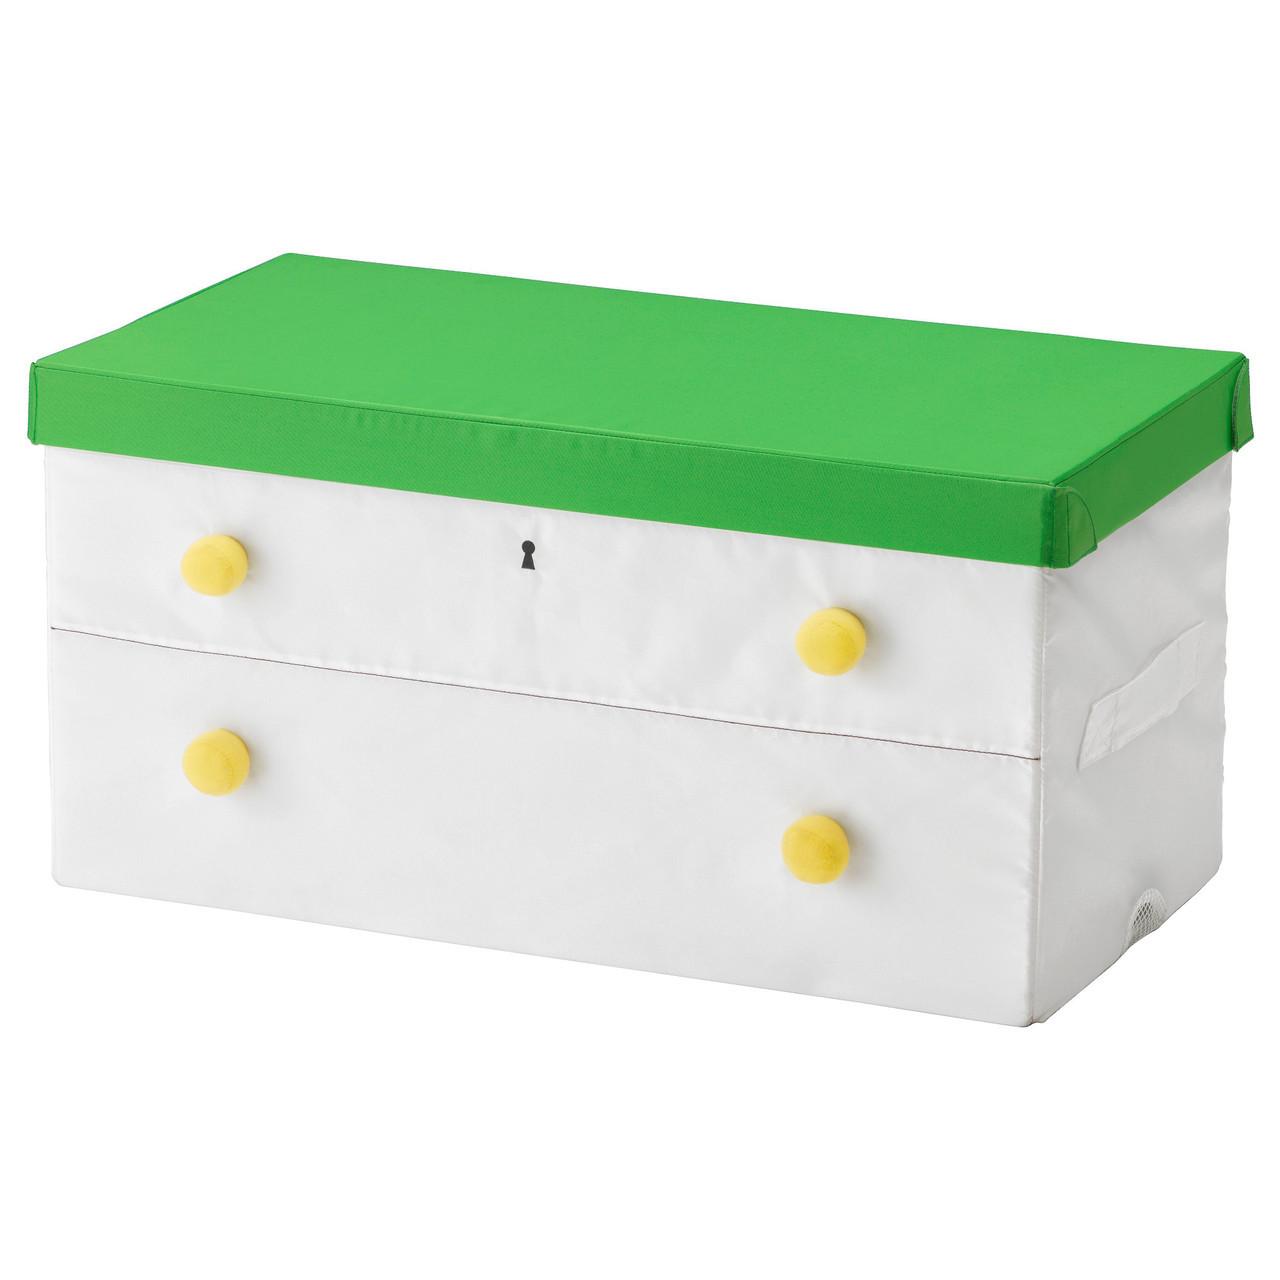 IKEA FLYTTBAR (603.288.44) Коробка с крышкой, зеленая, белая